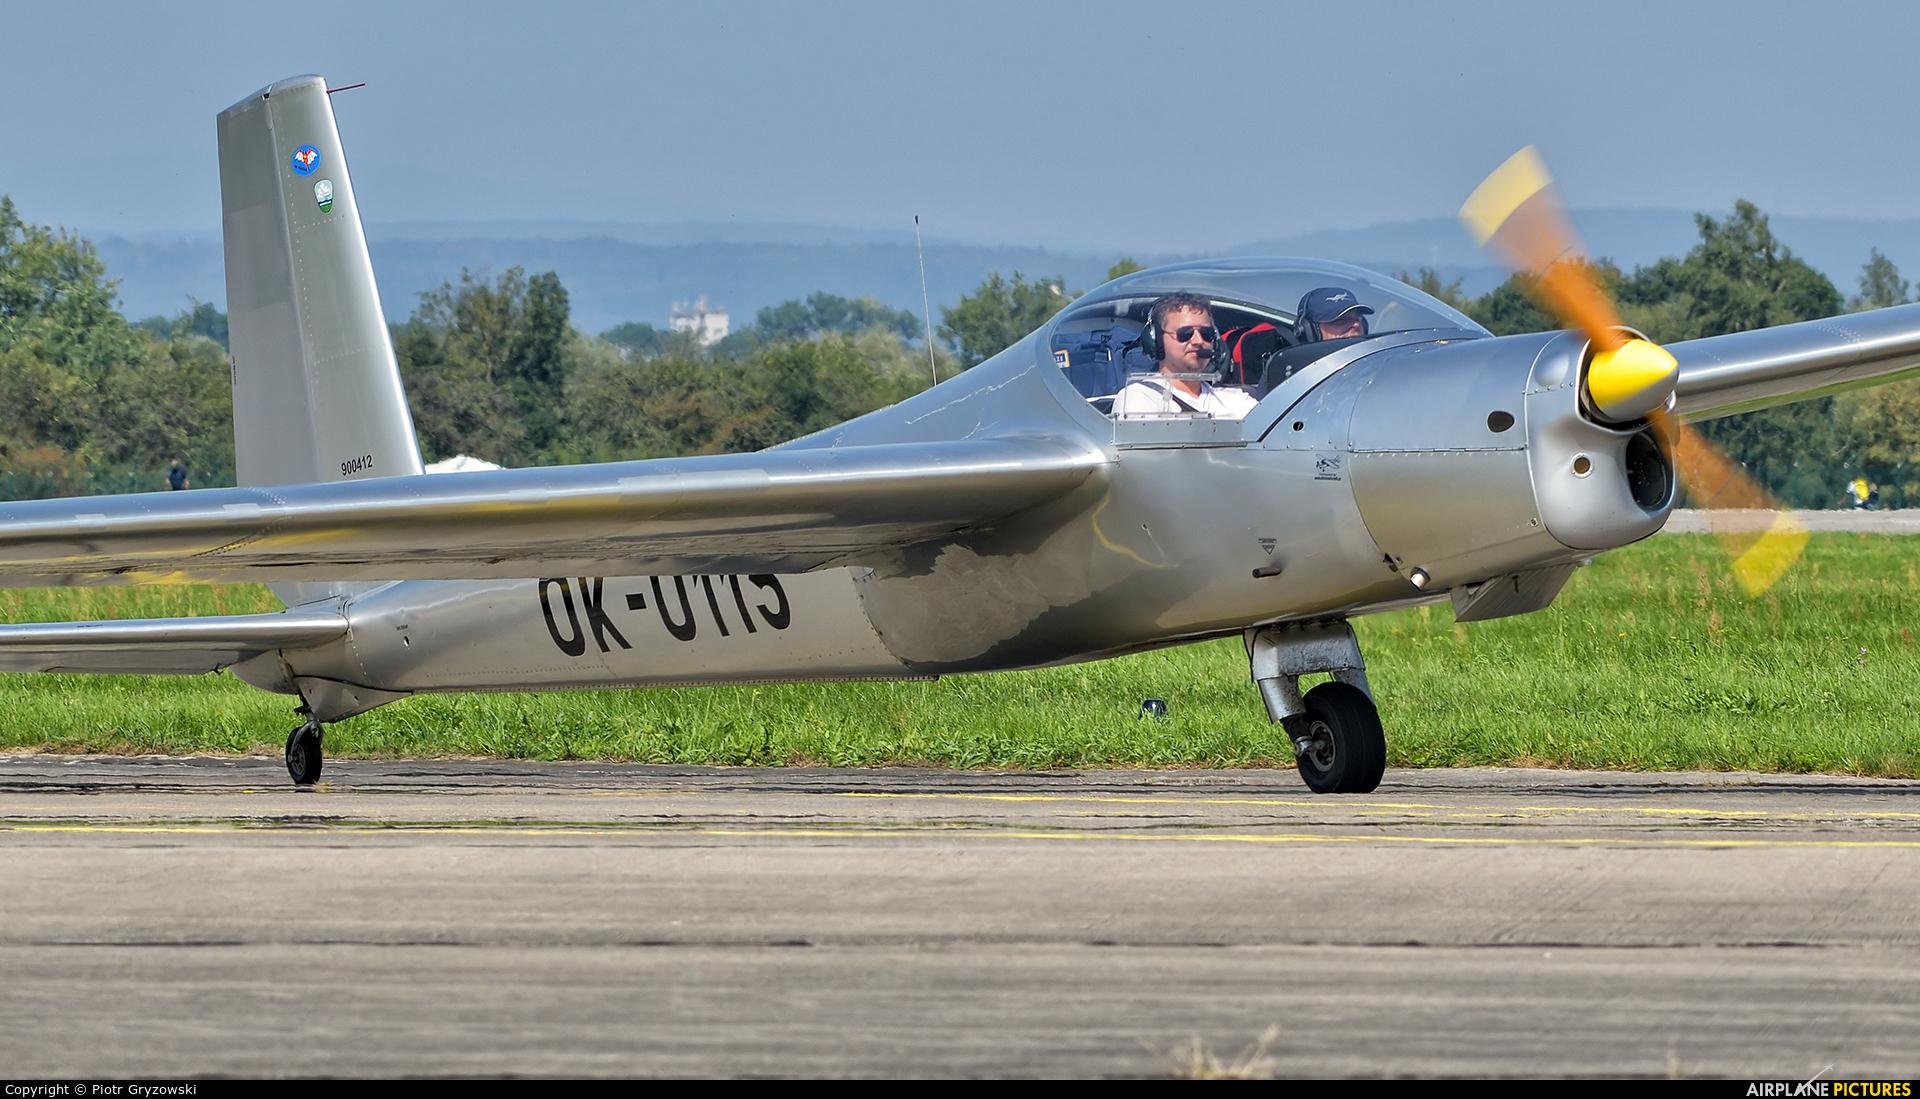 Private OK-0115 aircraft at Hradec Králové